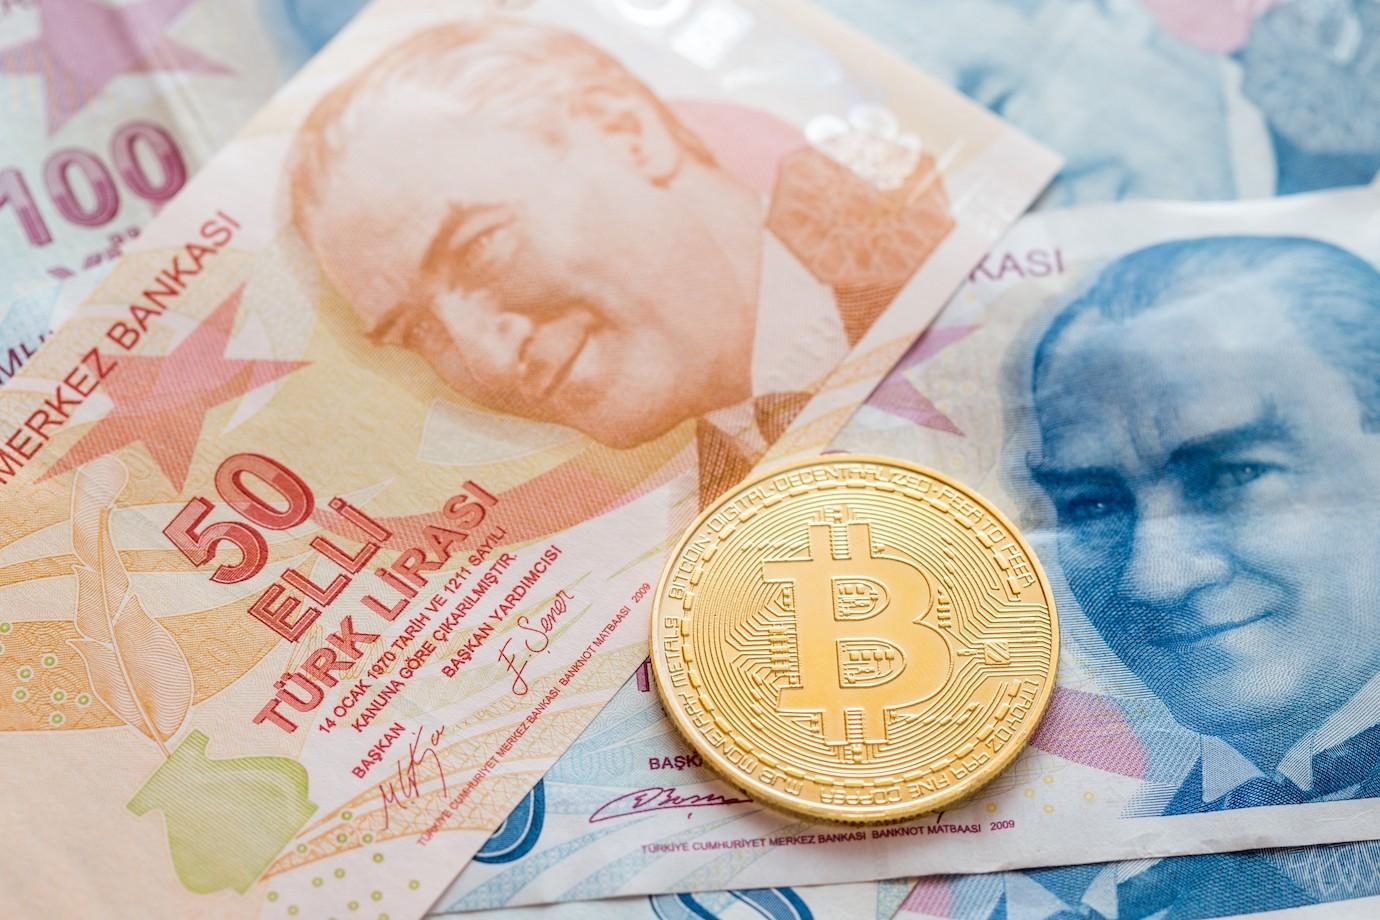 Bitcoin'de (BTC) Son Durum Ne? {Tarih} Canlı Bitcoin Fiyat Takibi